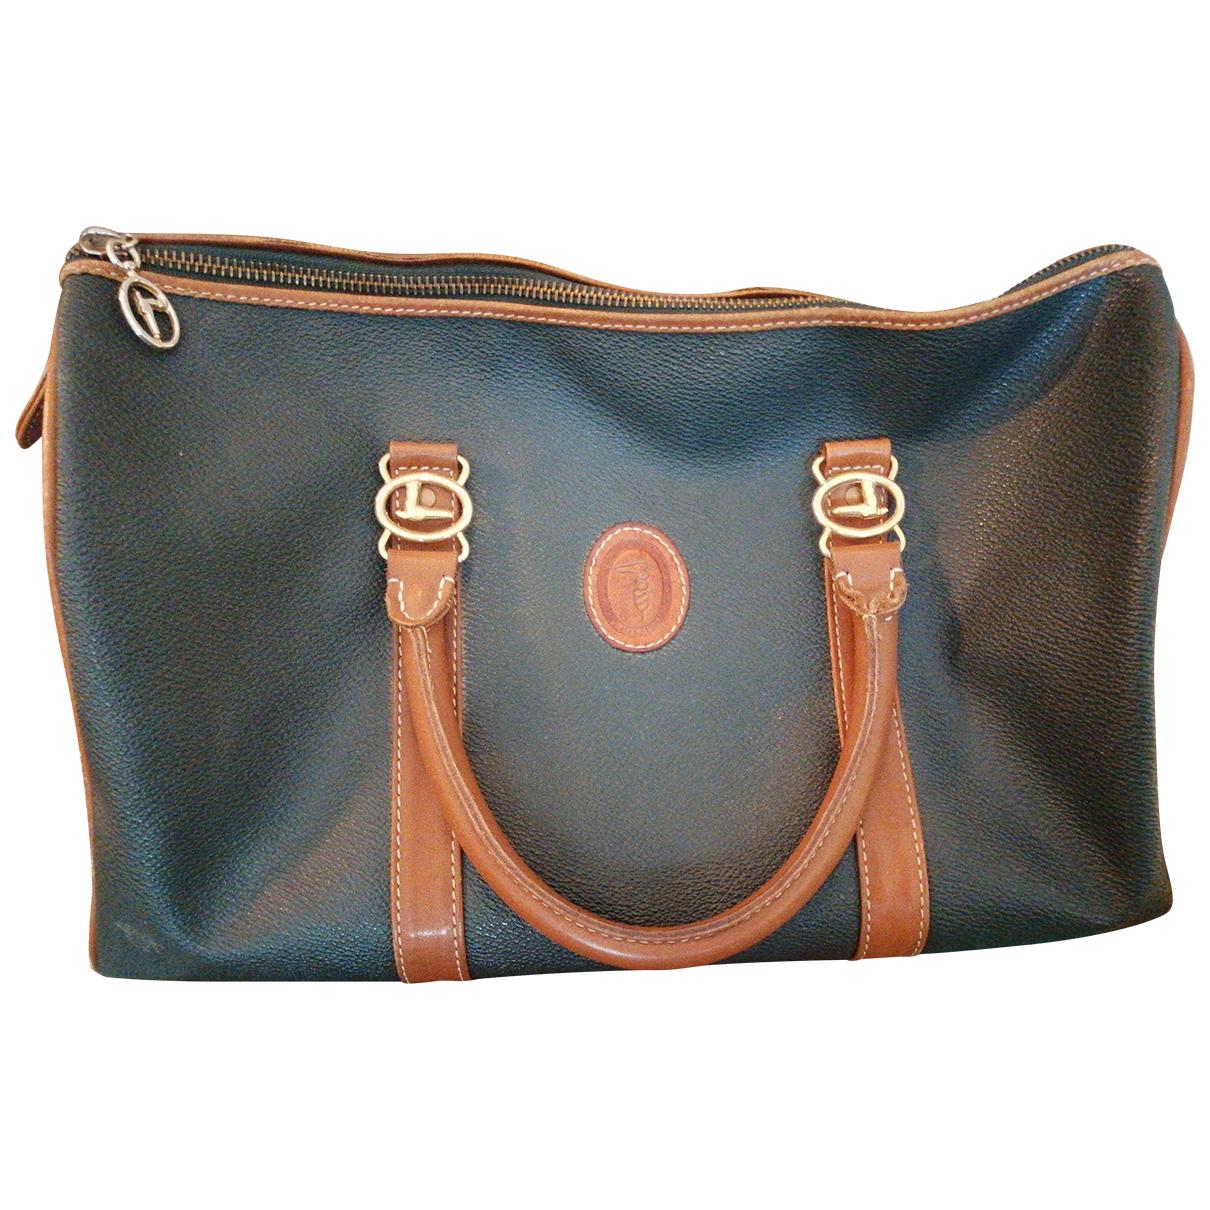 Trussardi N Green handbag for Women N